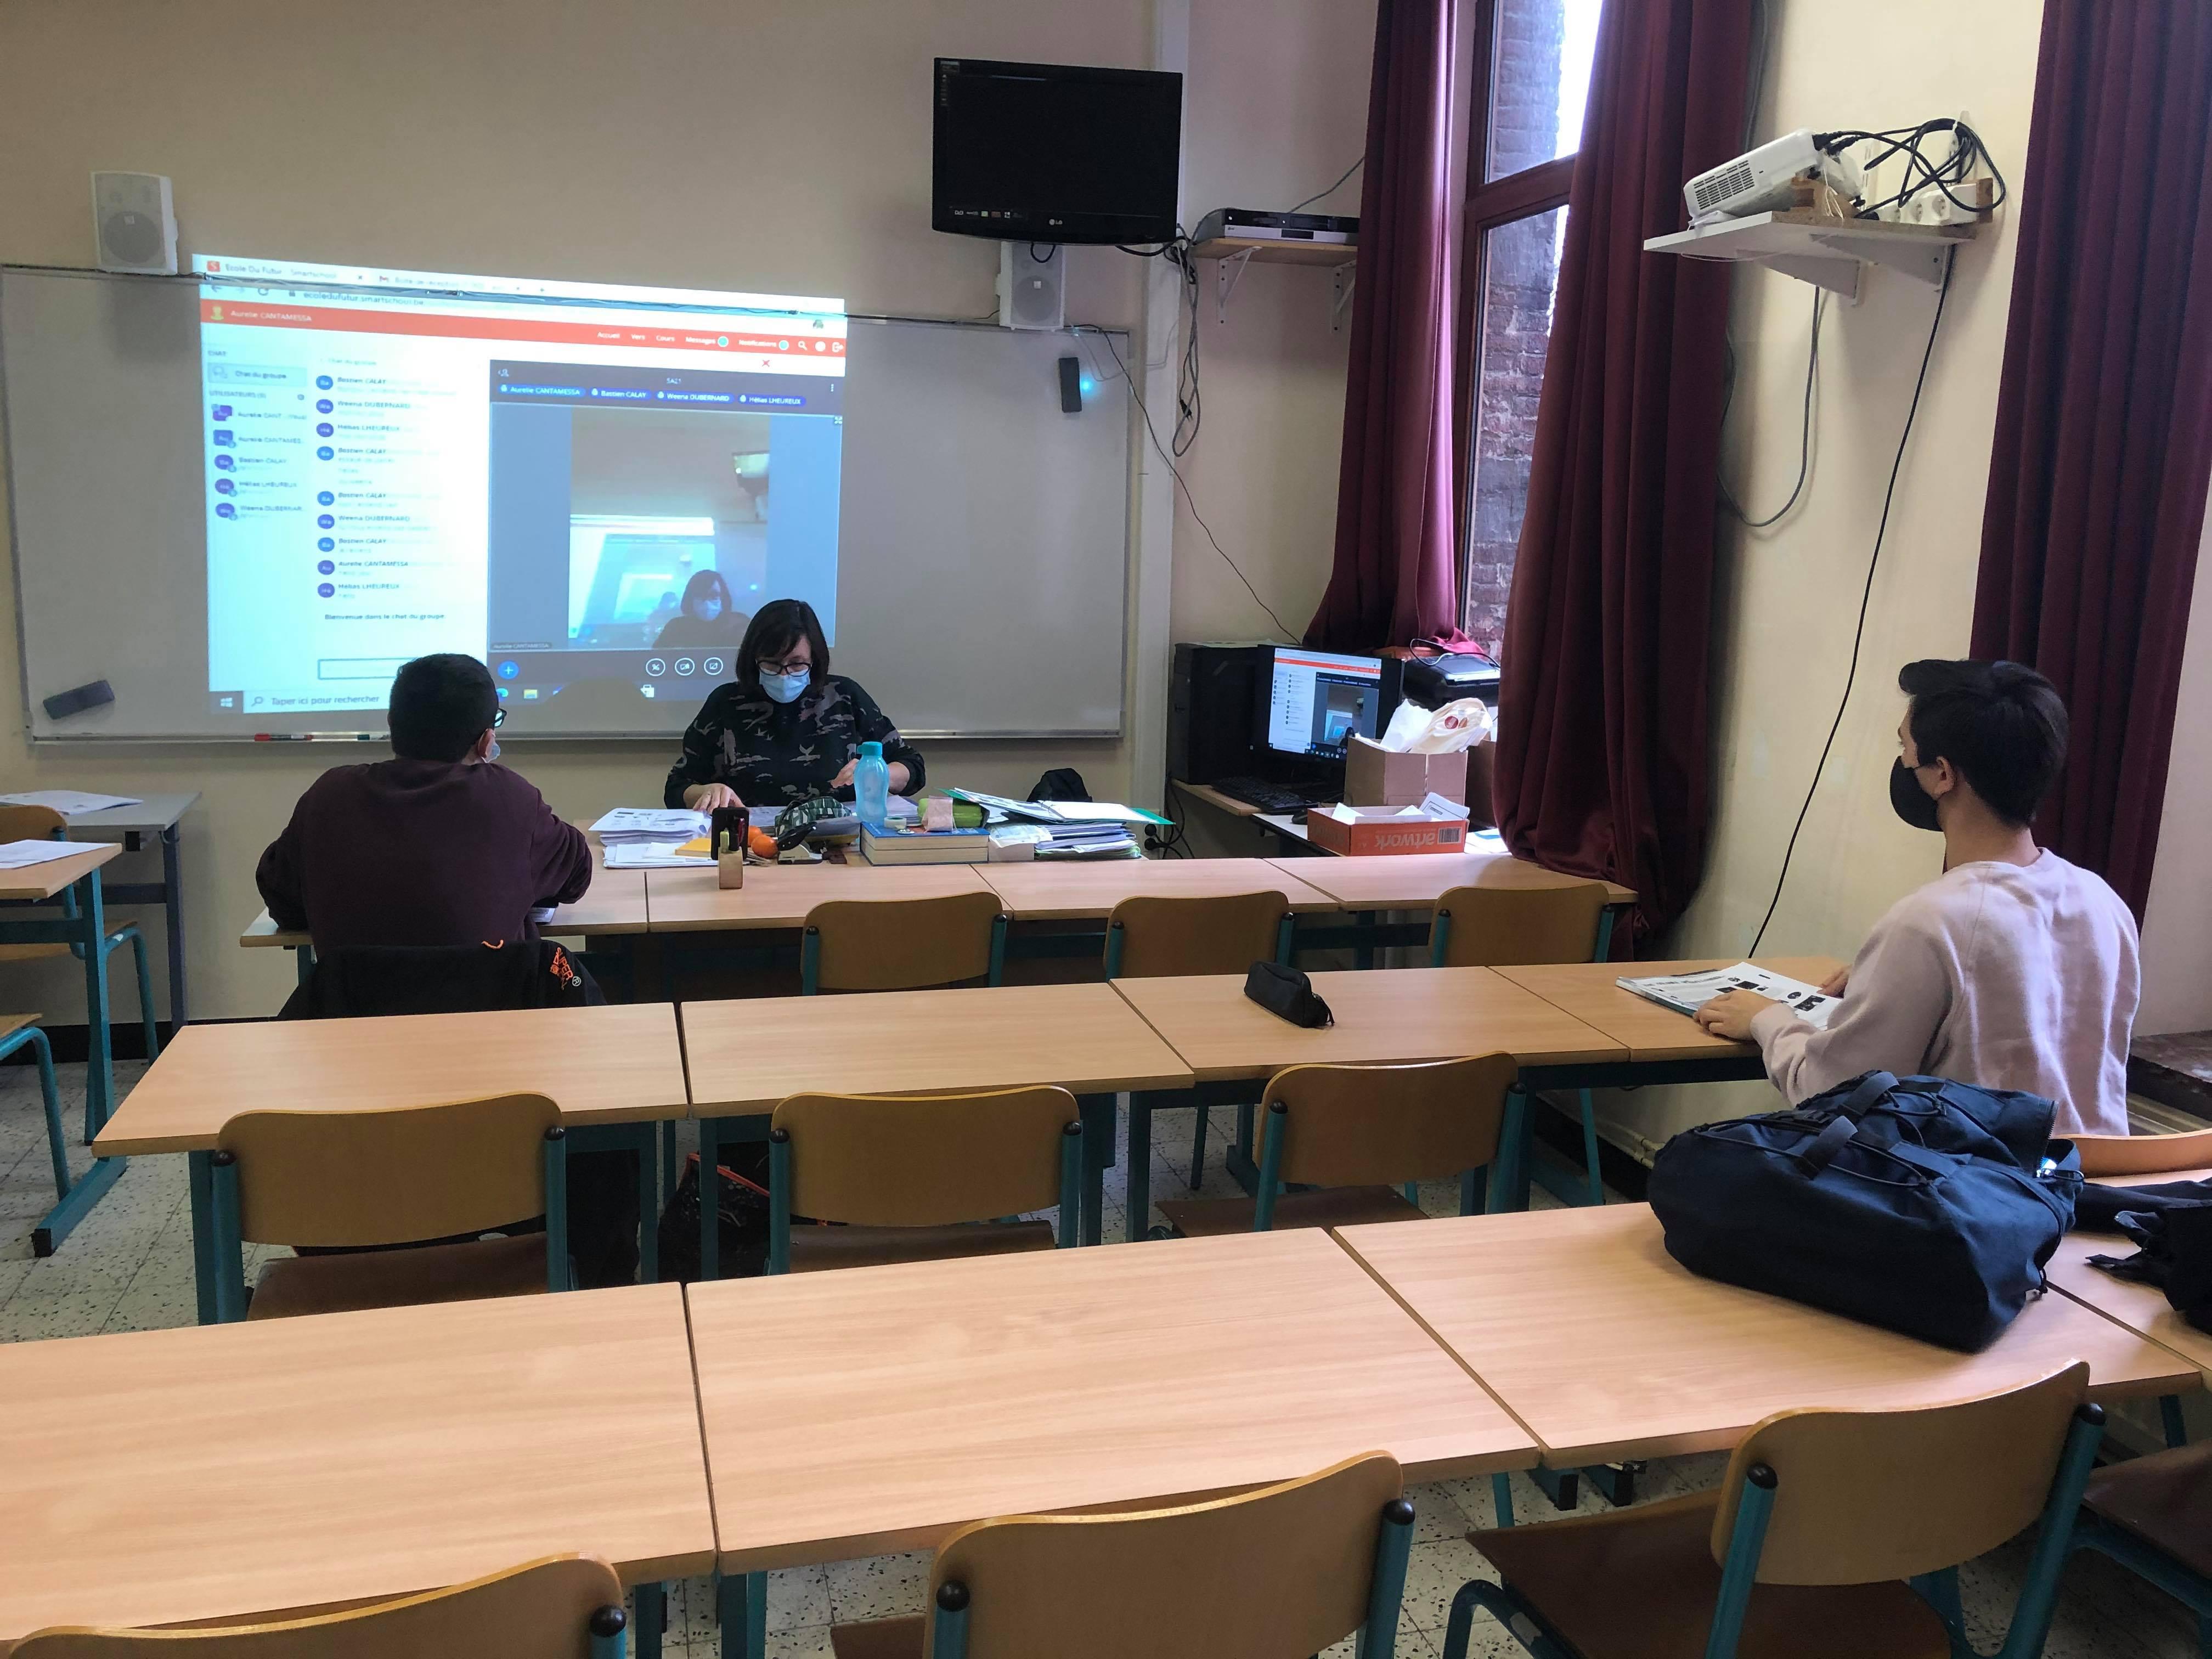 Rentrée positive à l'Ecole du Futur de Mons